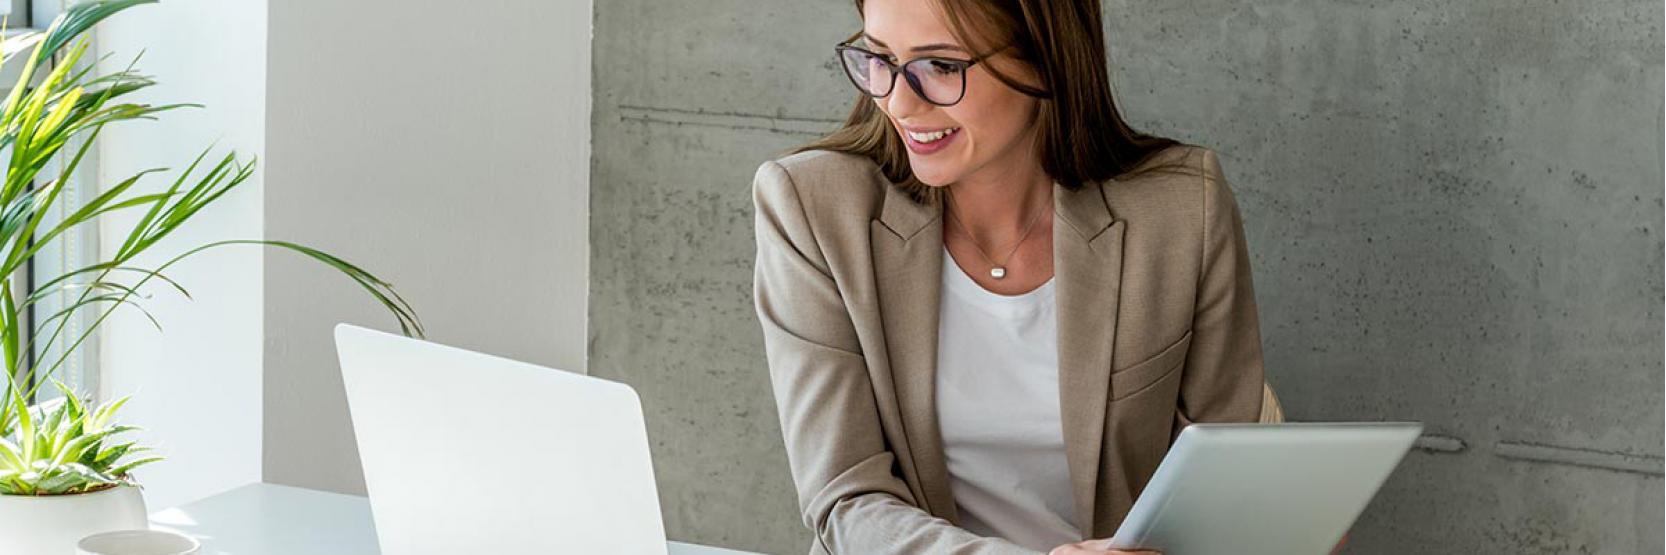 أفضل 10 خيارات وظيفية ملائمة للمرأة